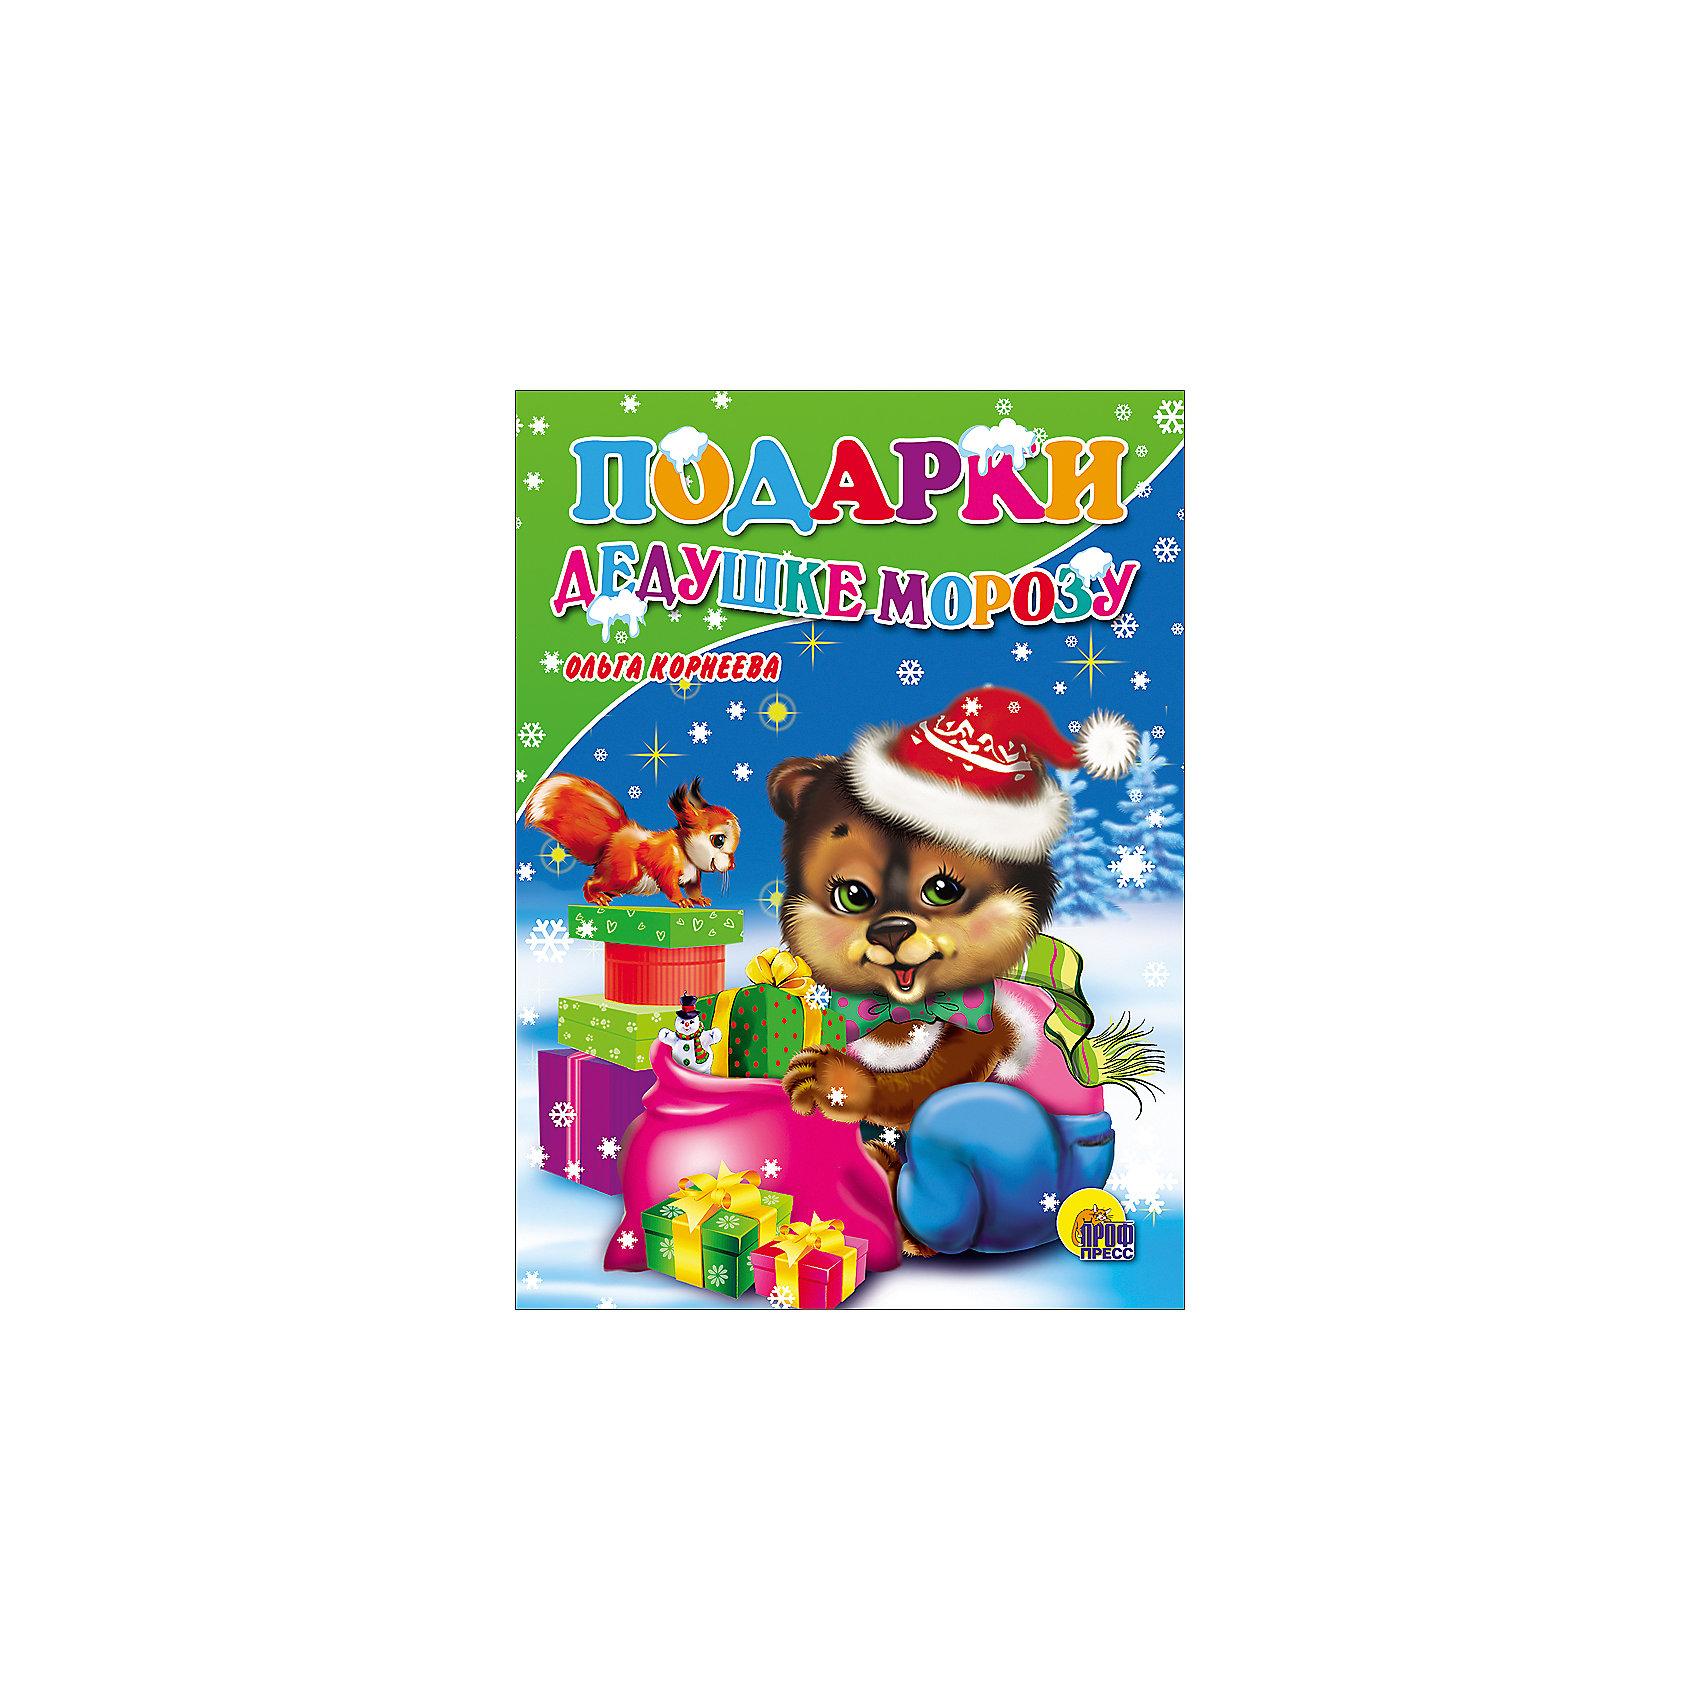 Проф-Пресс Книга с вырубкой Подарки Дедушке Морозу проф пресс постаничная вырубка на деревню к дедушке